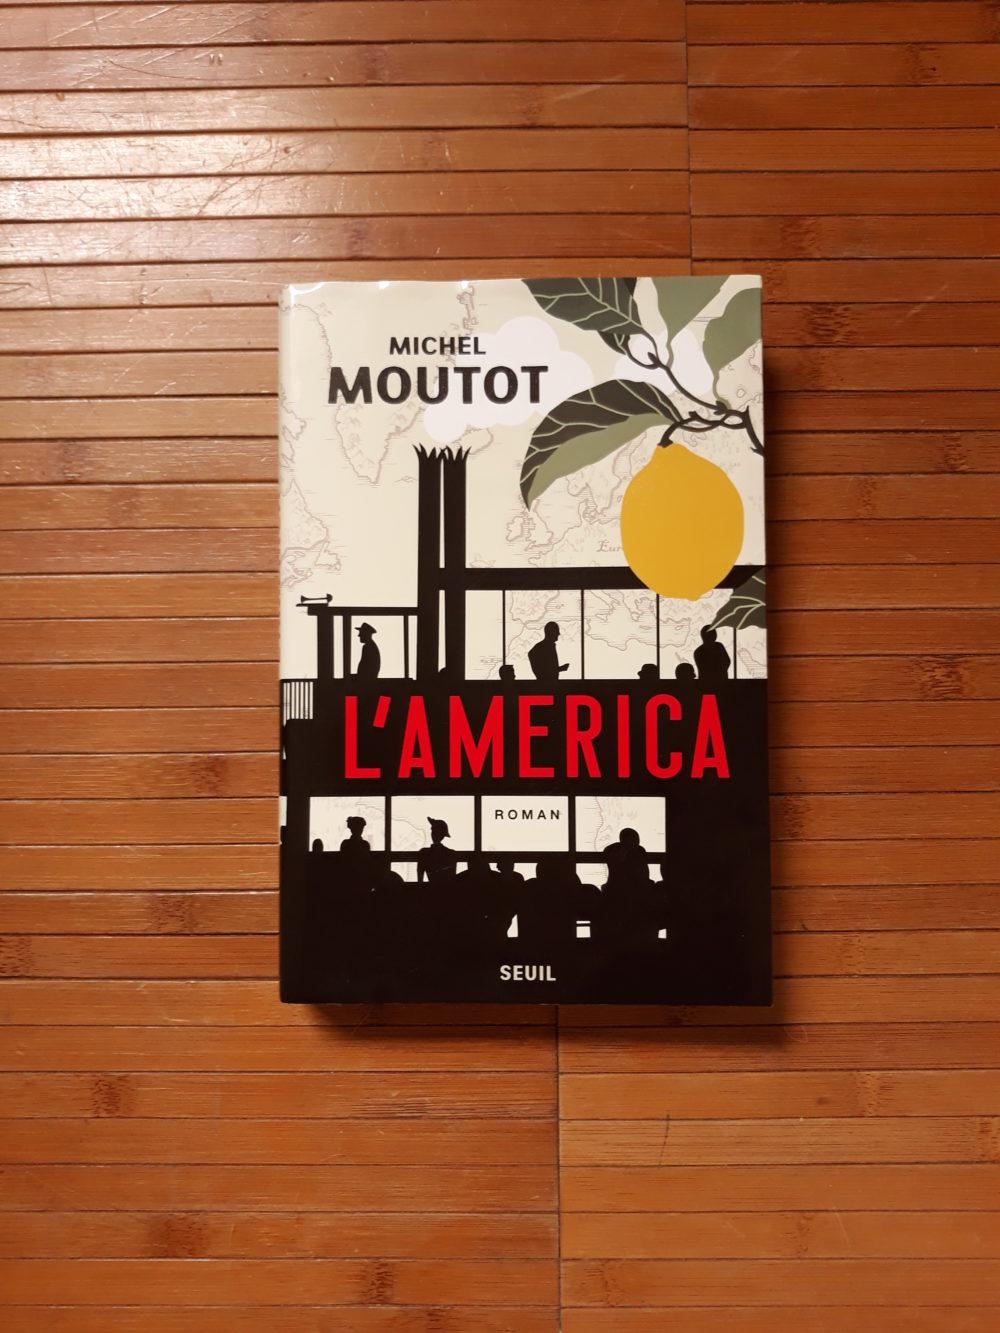 L'AMERICA, Michel Moutot, éditions du Seuil